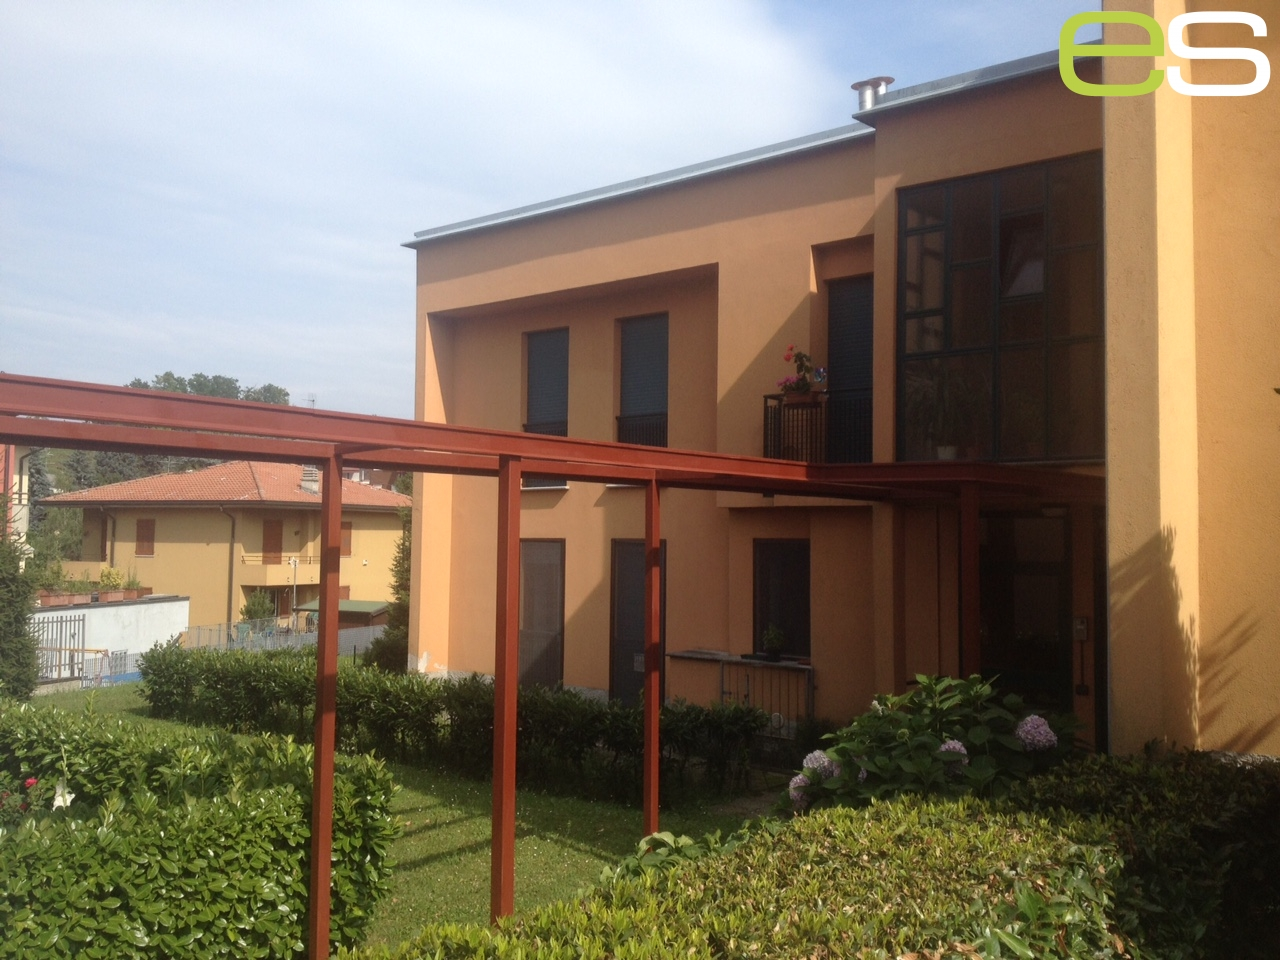 Appartamento in vendita a Nibionno, 1 locali, zona Zona: Cibrone, prezzo € 160.000 | Cambio Casa.it